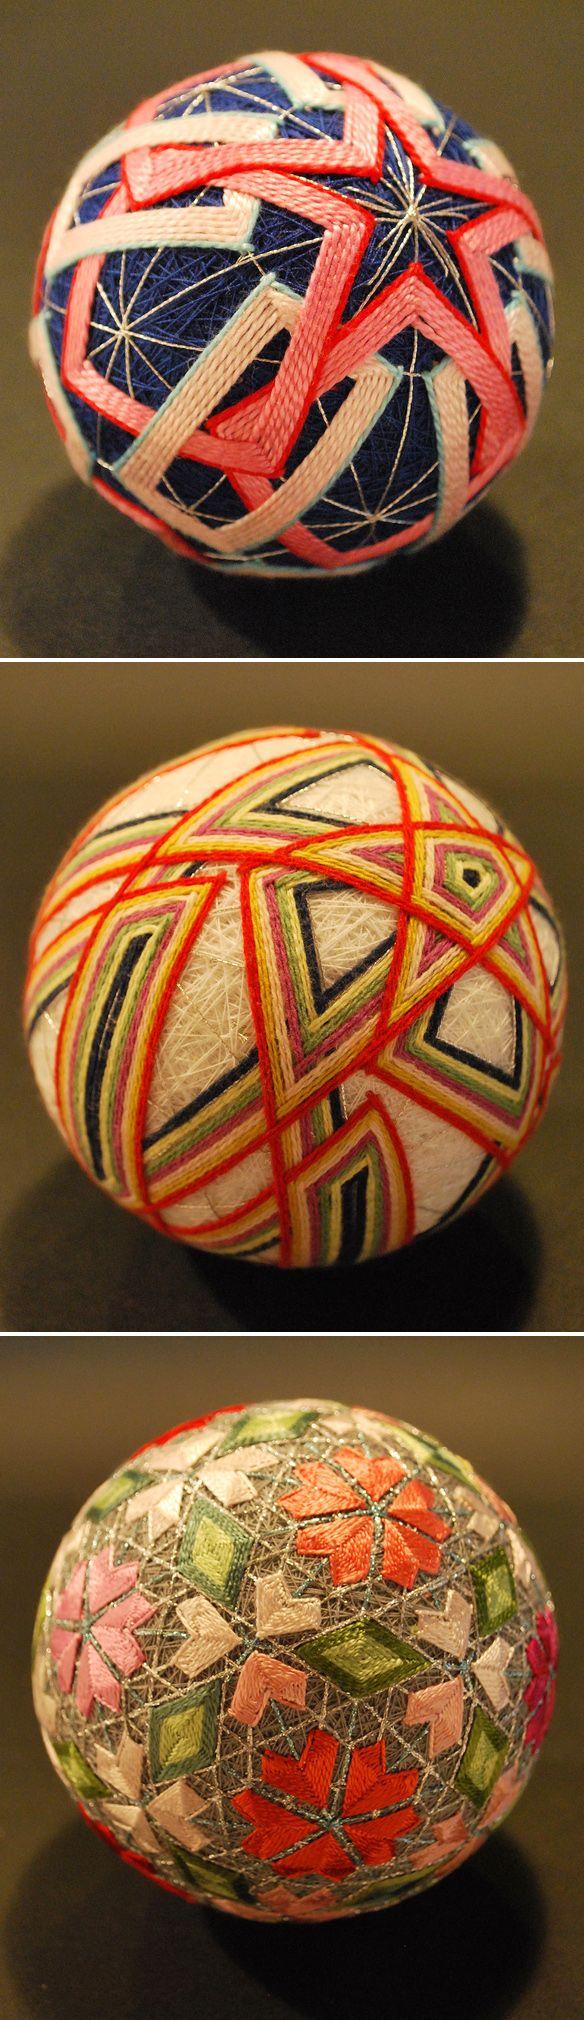 nana akua's grandmother's temari balls